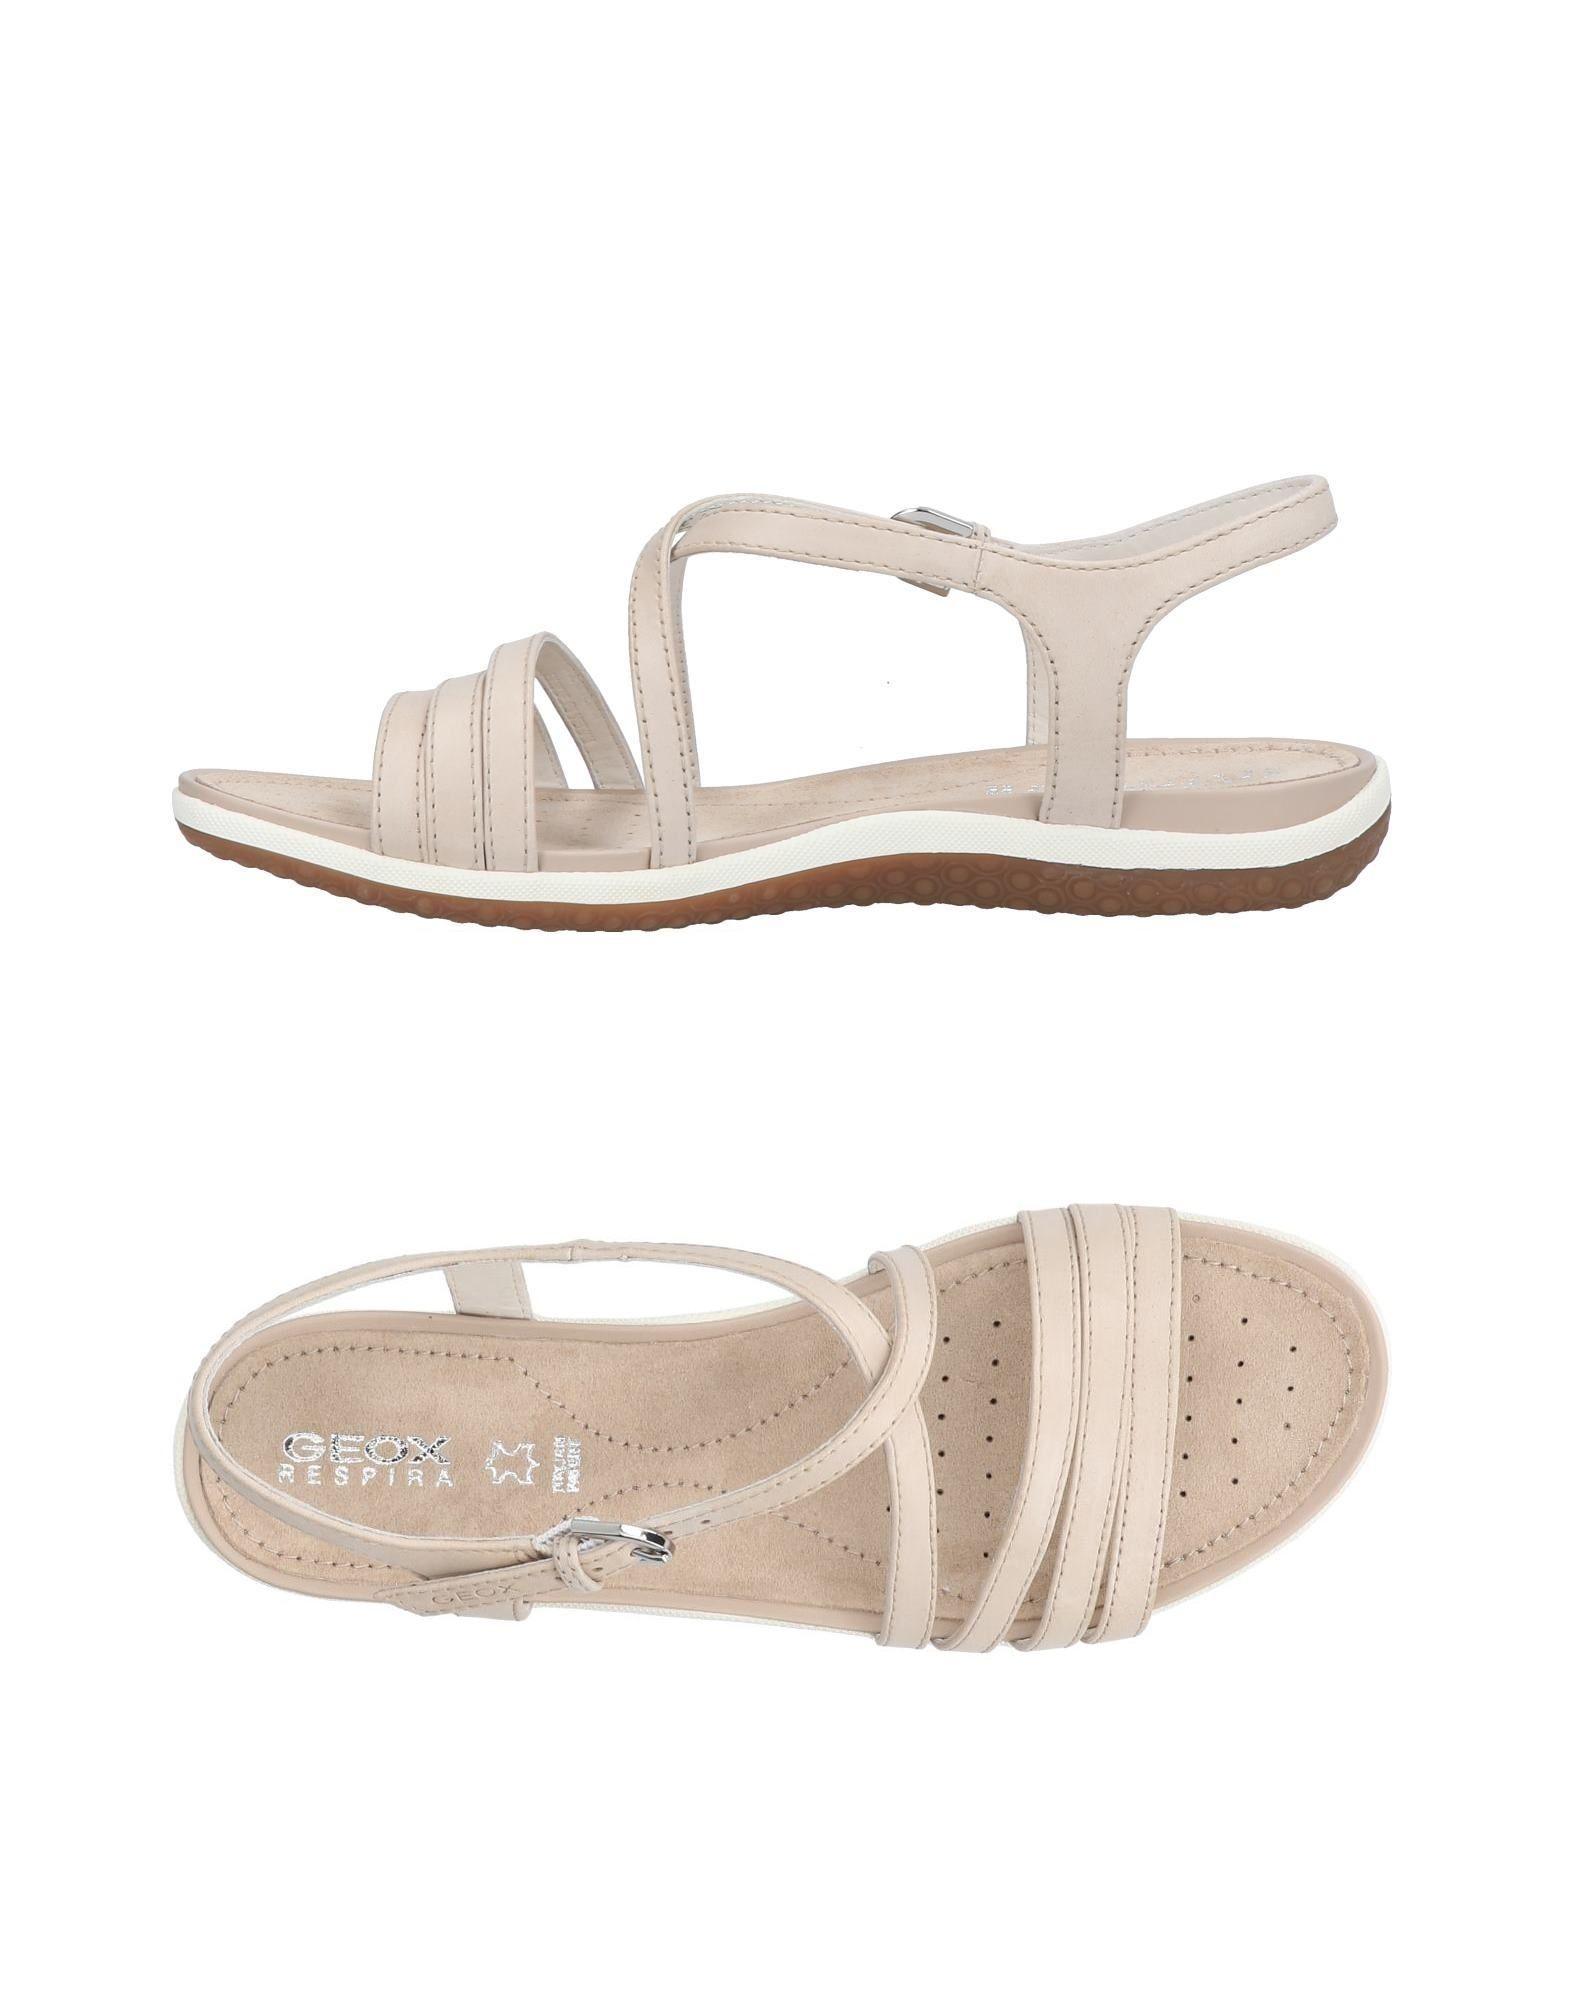 Haltbare Mode billige Schuhe Geox Sandalen Damen  11449027DO Heiße Schuhe